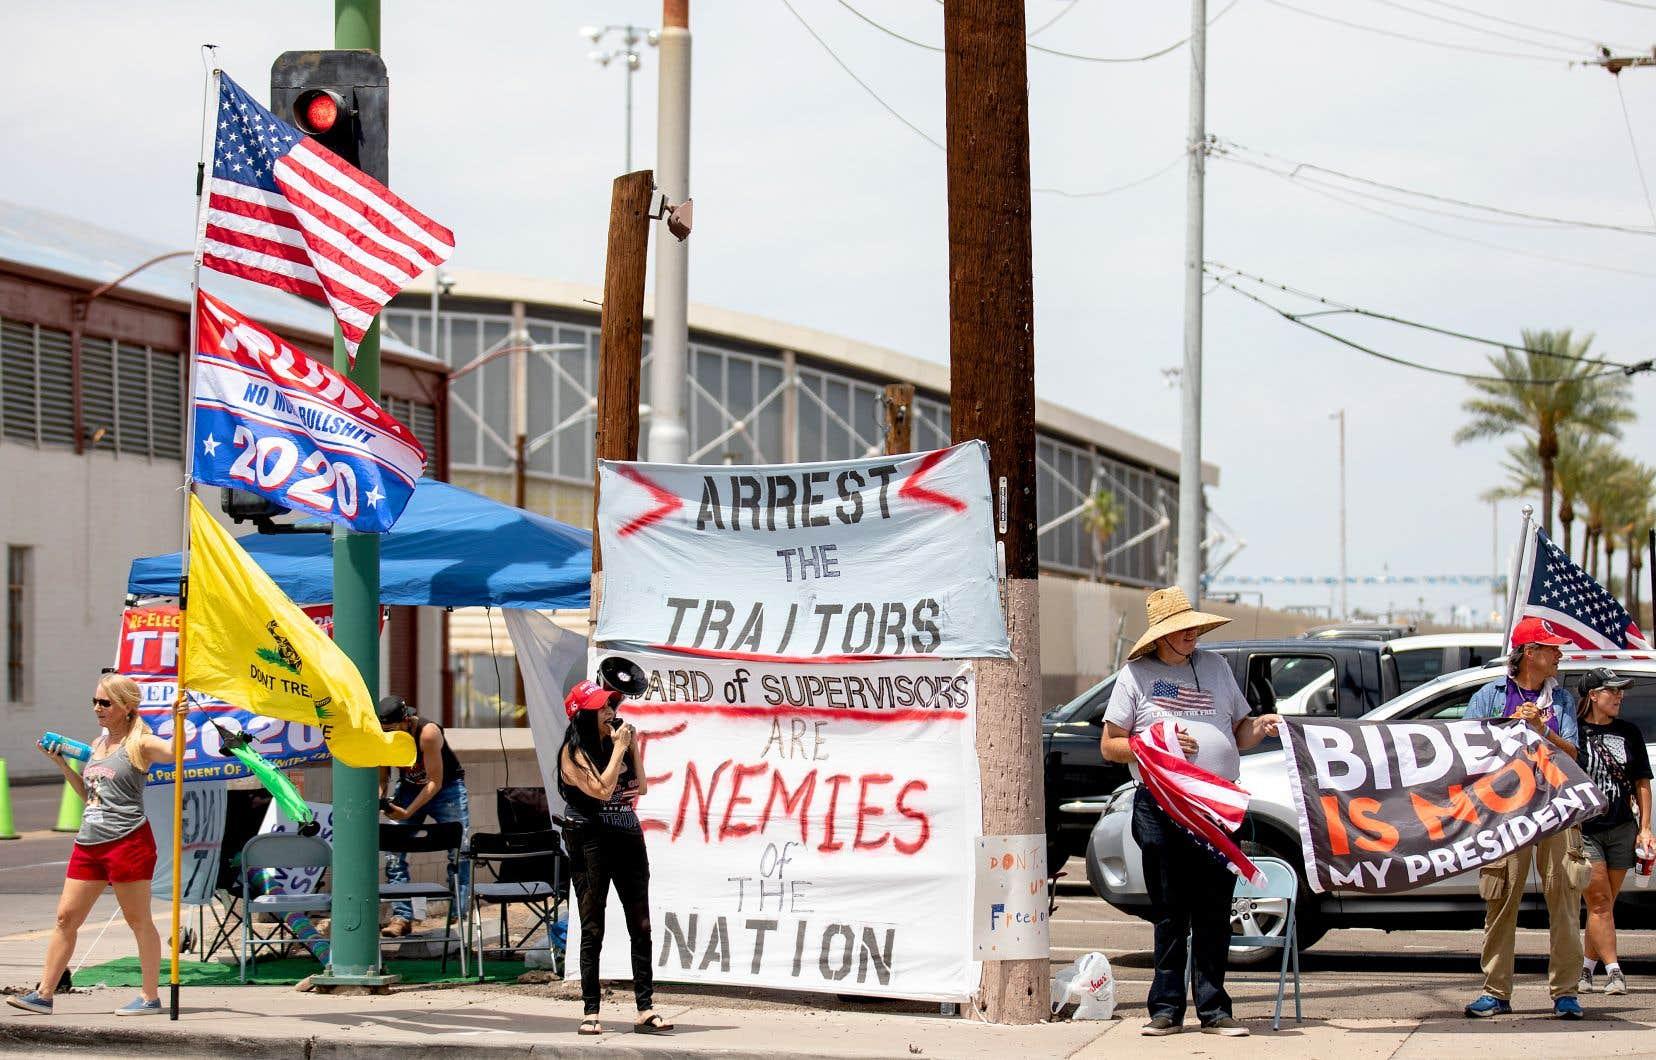 Des activistes pro-Trump manifestaient à l'extérieur du Veterans Memorial Coliseum, à Phoenix, samedi, où étaient recomptés les bulletins de vote du comté de Maricopa, cinq mois après l'élection présidentielle.